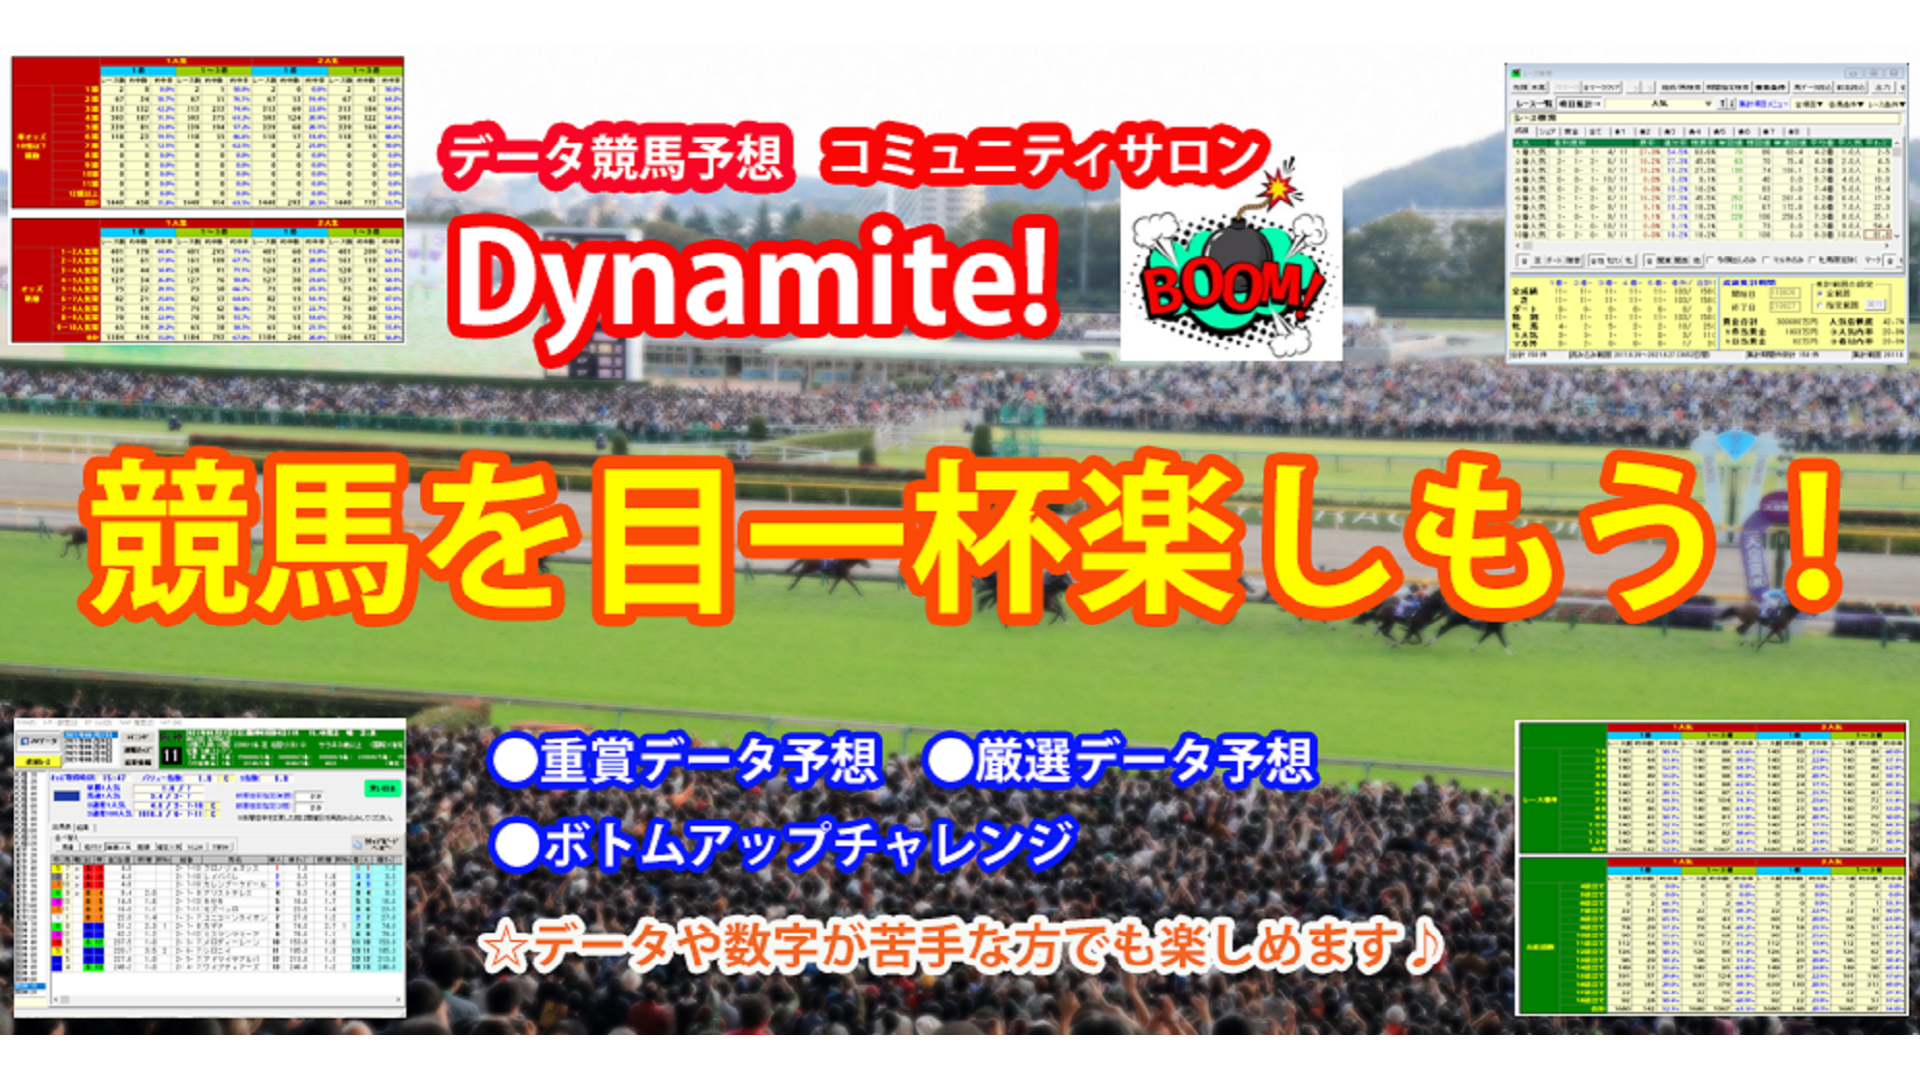 ブライアンPGK - データ競馬予想 オンラインサロン Dynamite! - DMM オンラインサロン